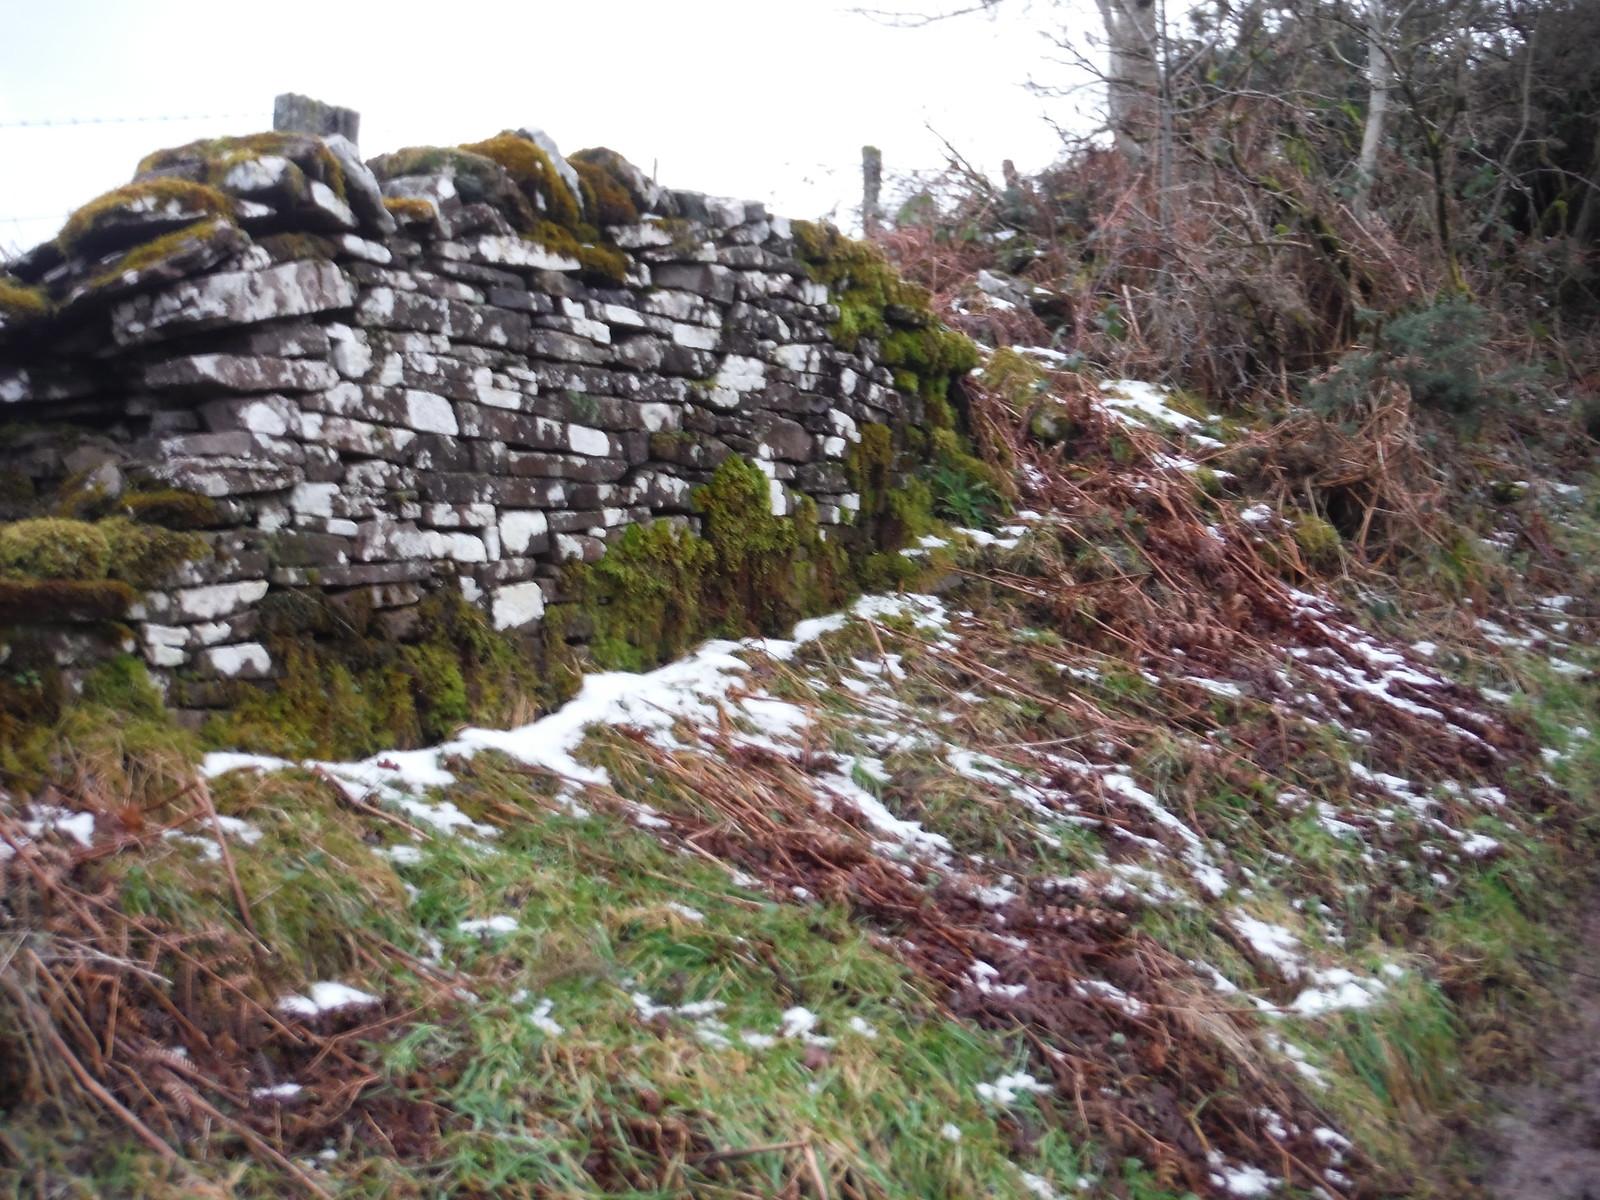 Snow and Lychen: Allt yr Esgair SWC Walk 308 - Bwlch Circular (via Mynydd Troed and Llangorse Lake)